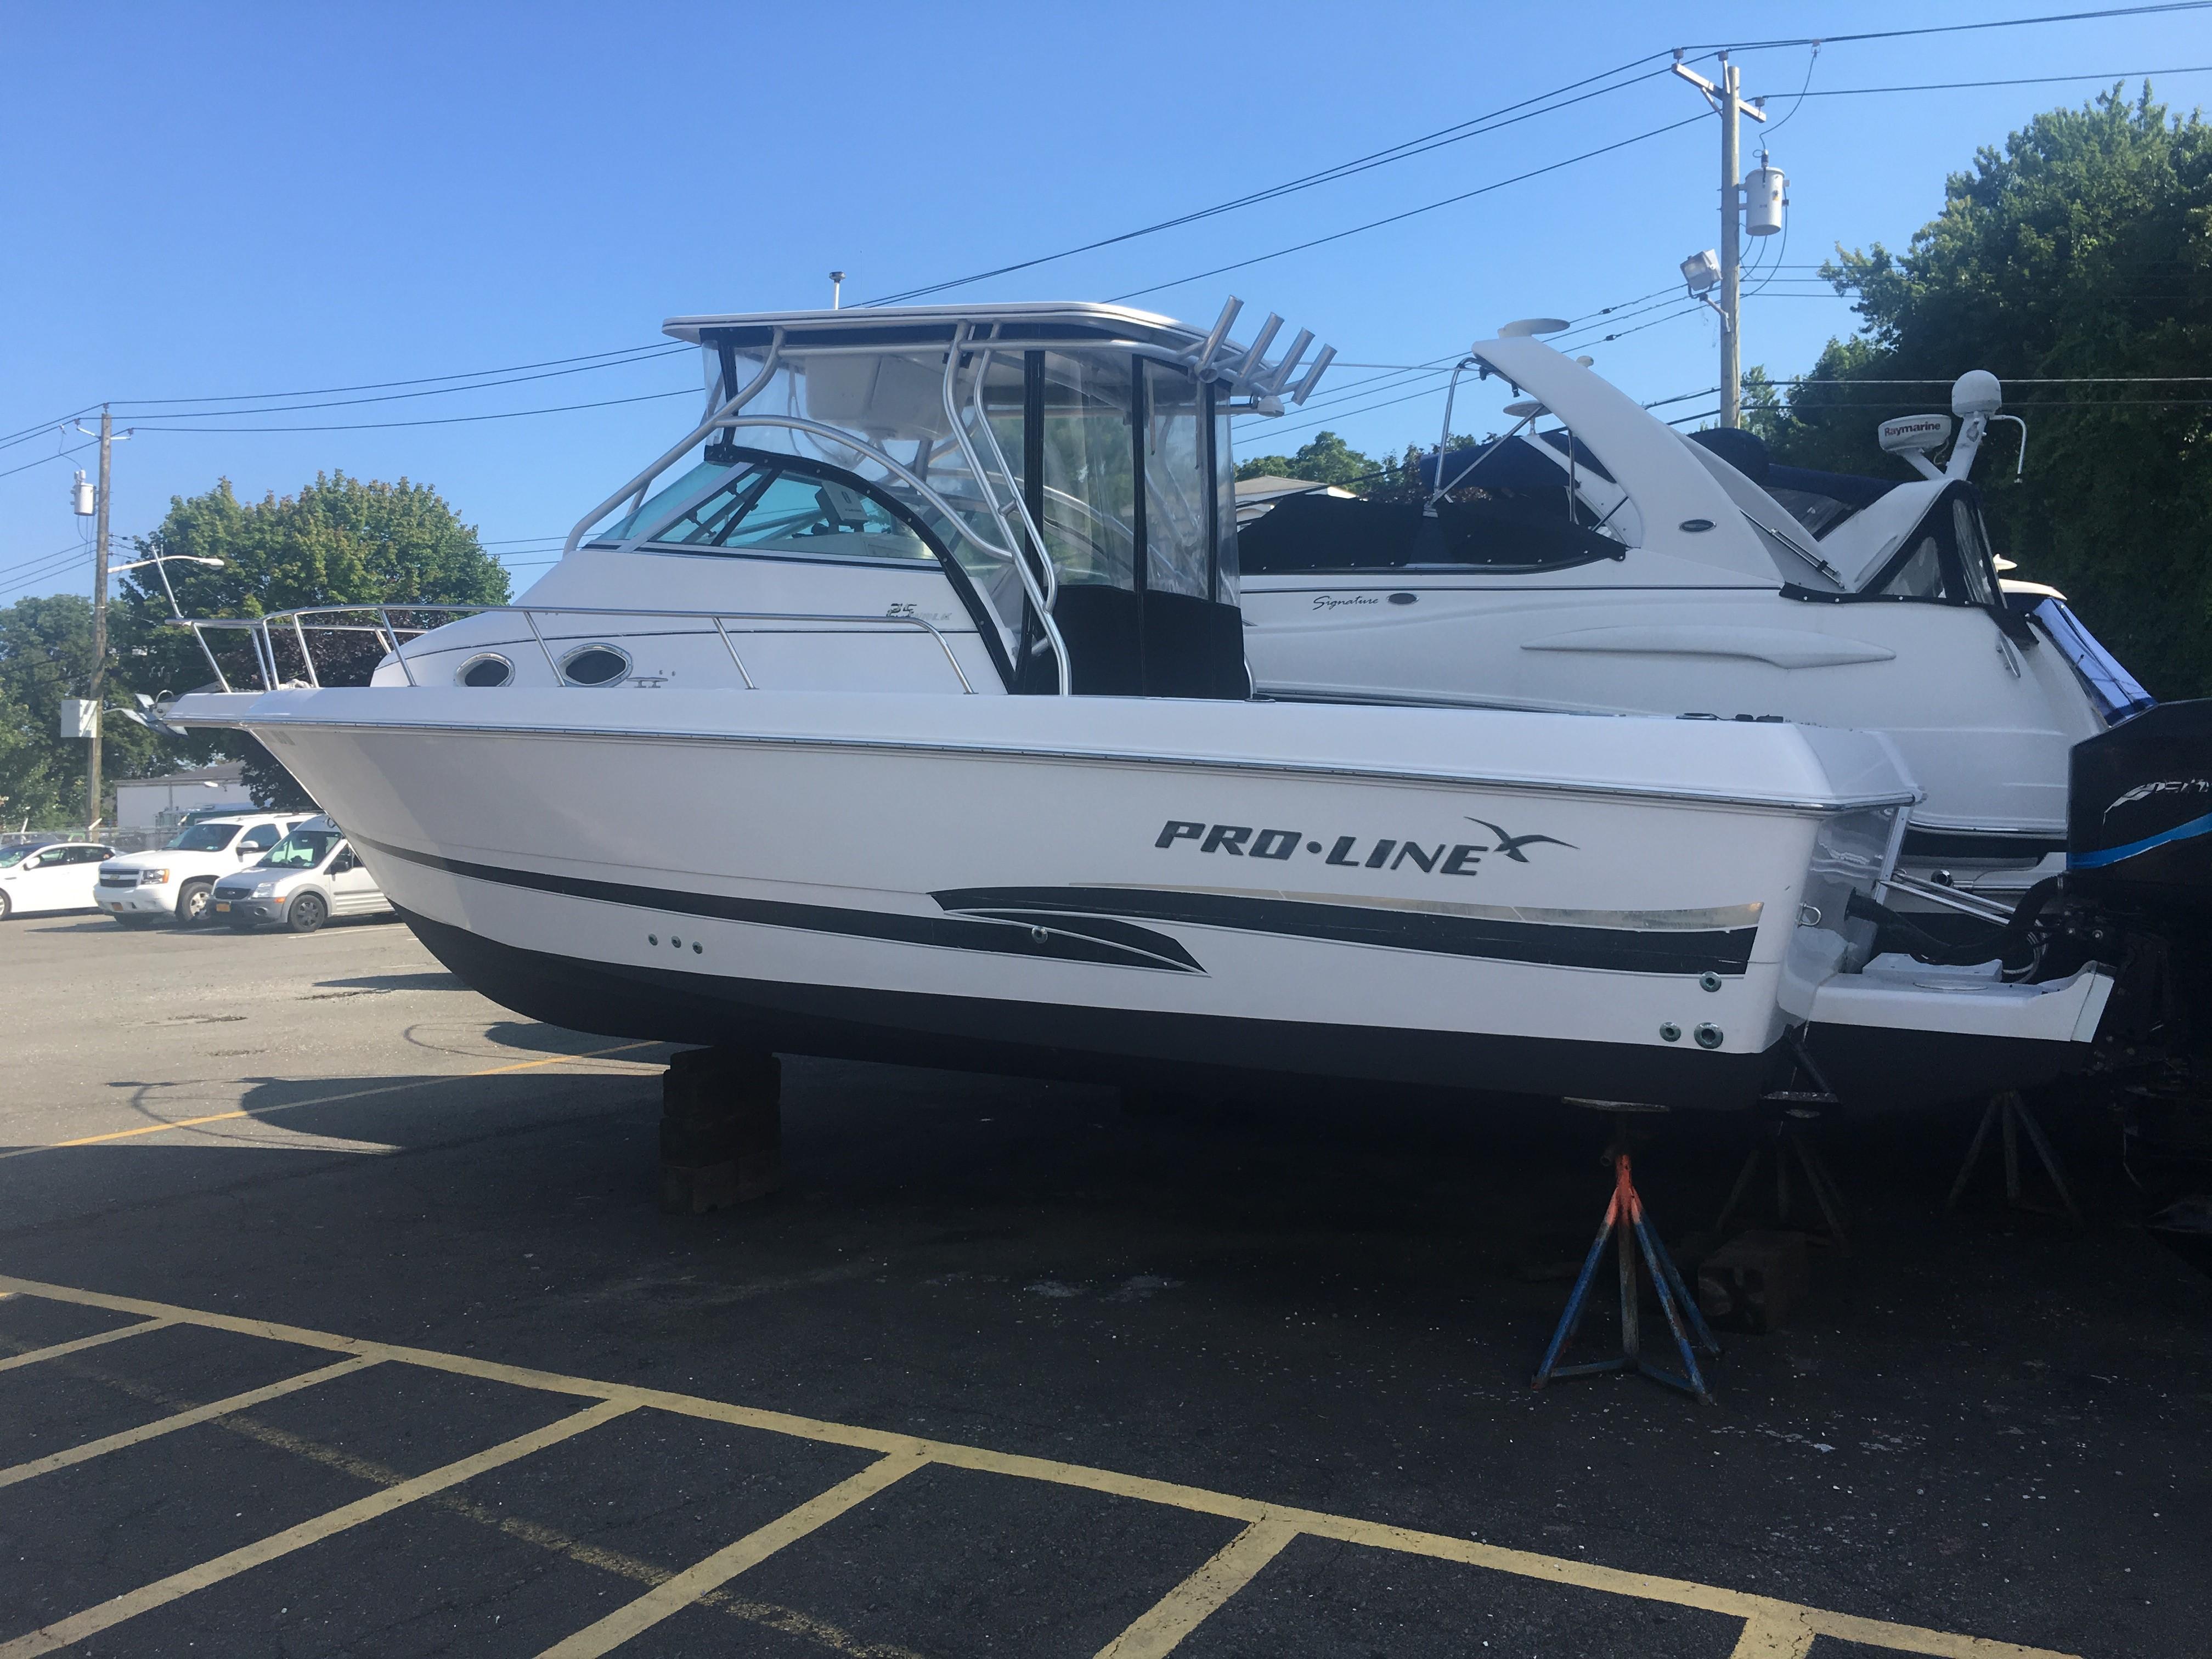 2000 Pro Line 25 Walkaround Power Boat For Sale Wwwyachtworldcom